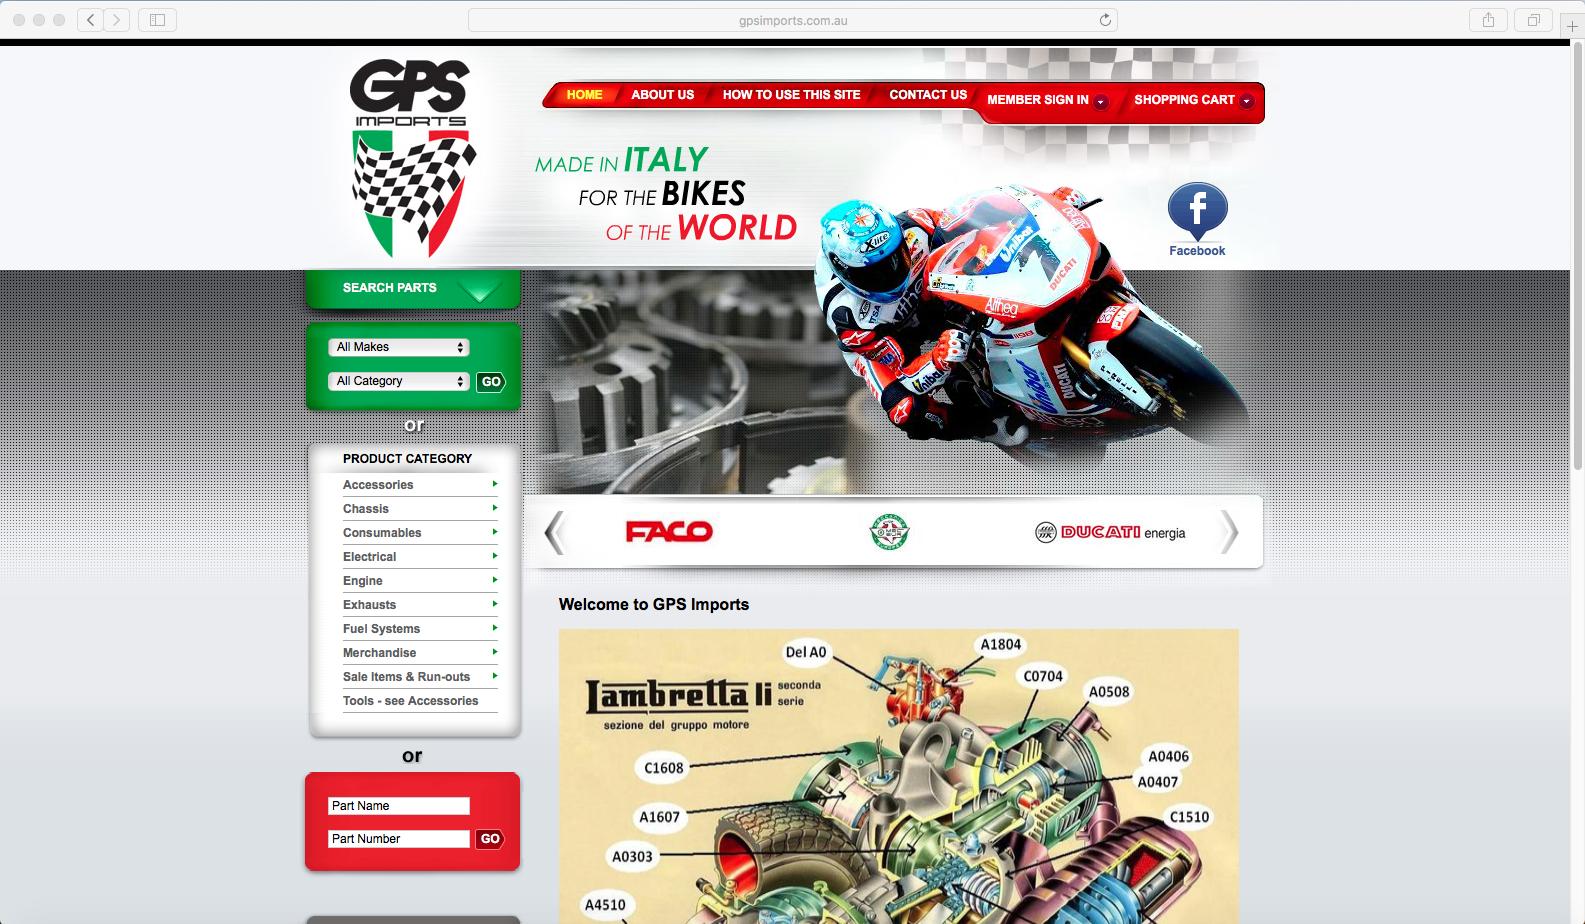 GPS Imports